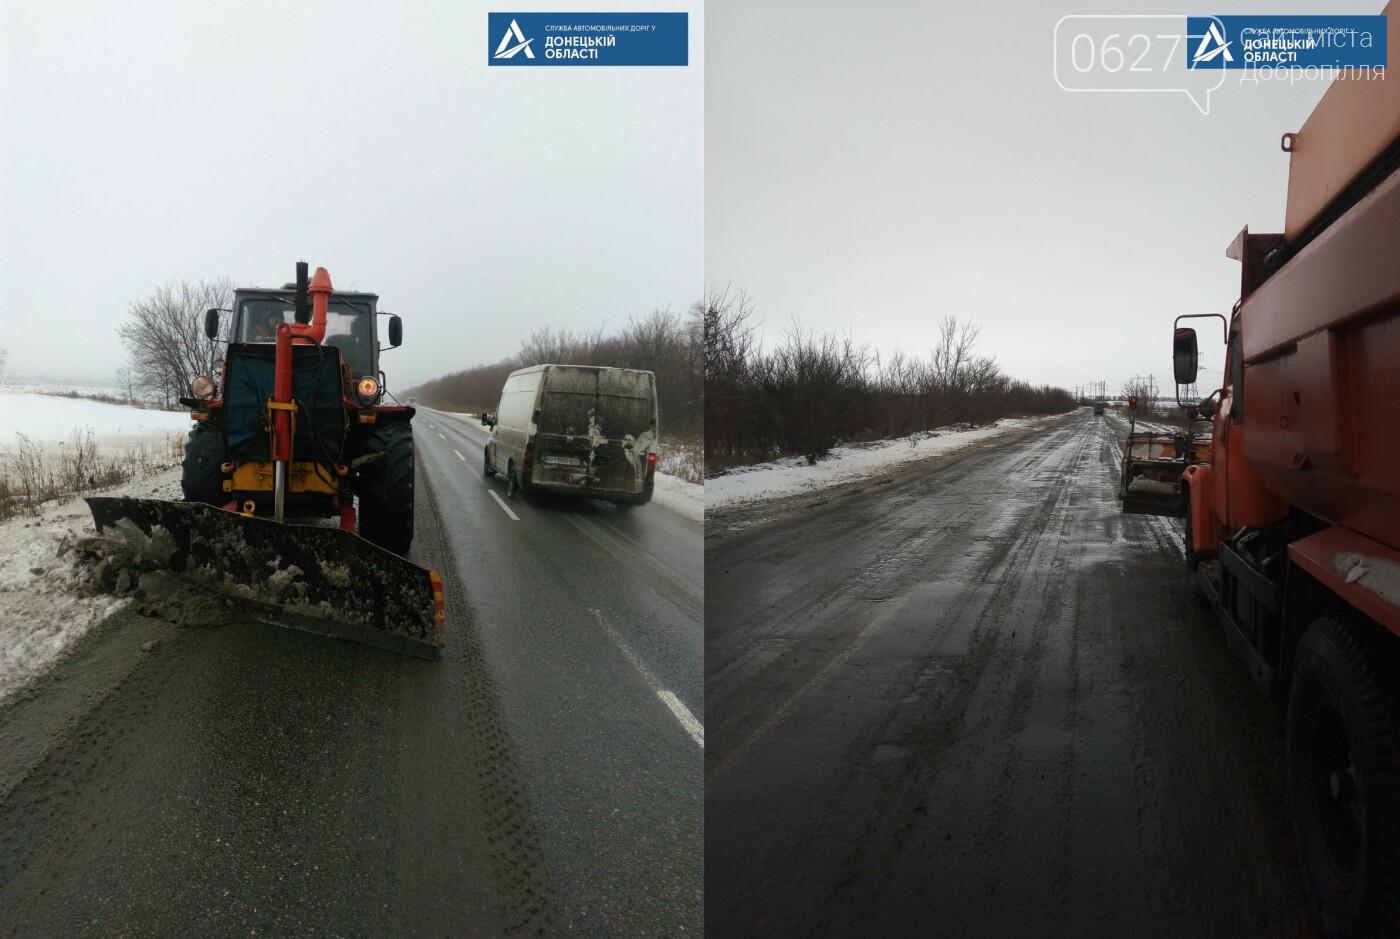 Непогода в Донецкой области: дороги расчищает почти 140 единиц техники, фото-1